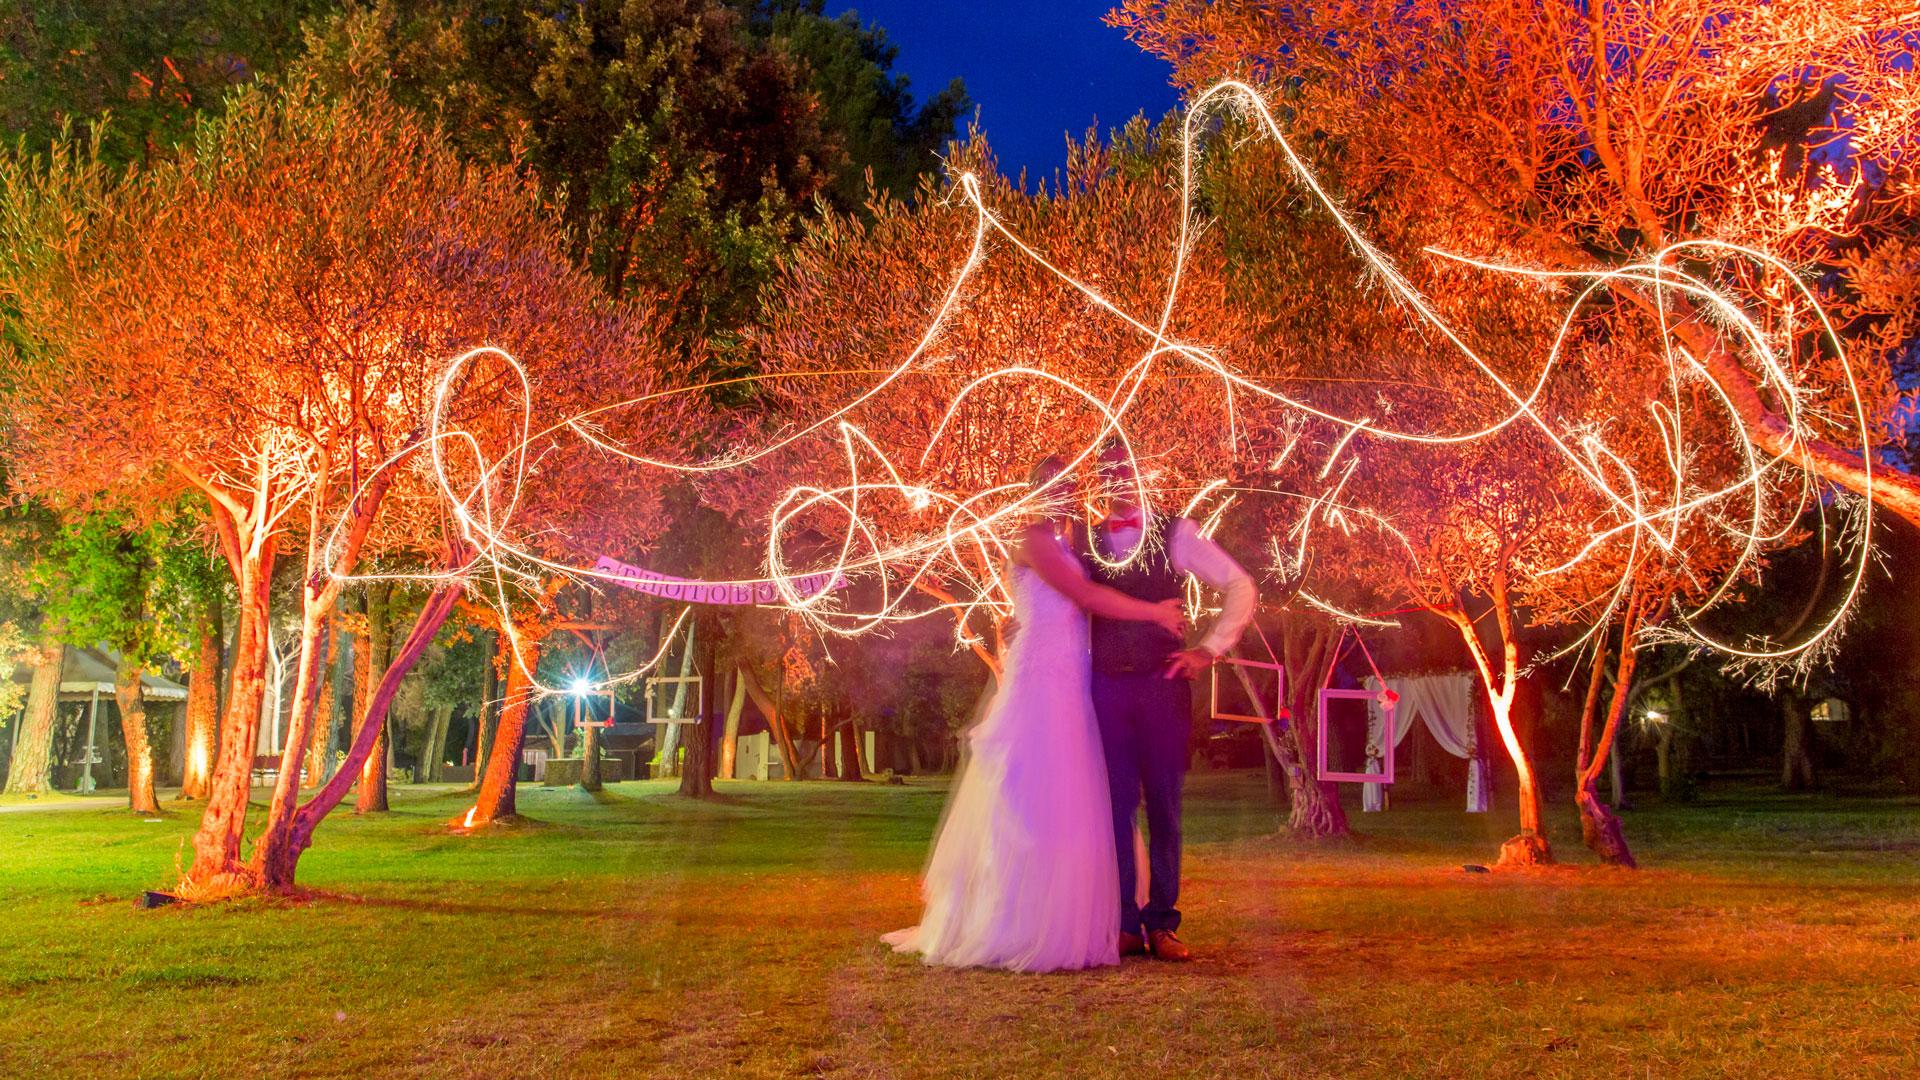 vJDSPHOTO photographe de mariage et portraitiste